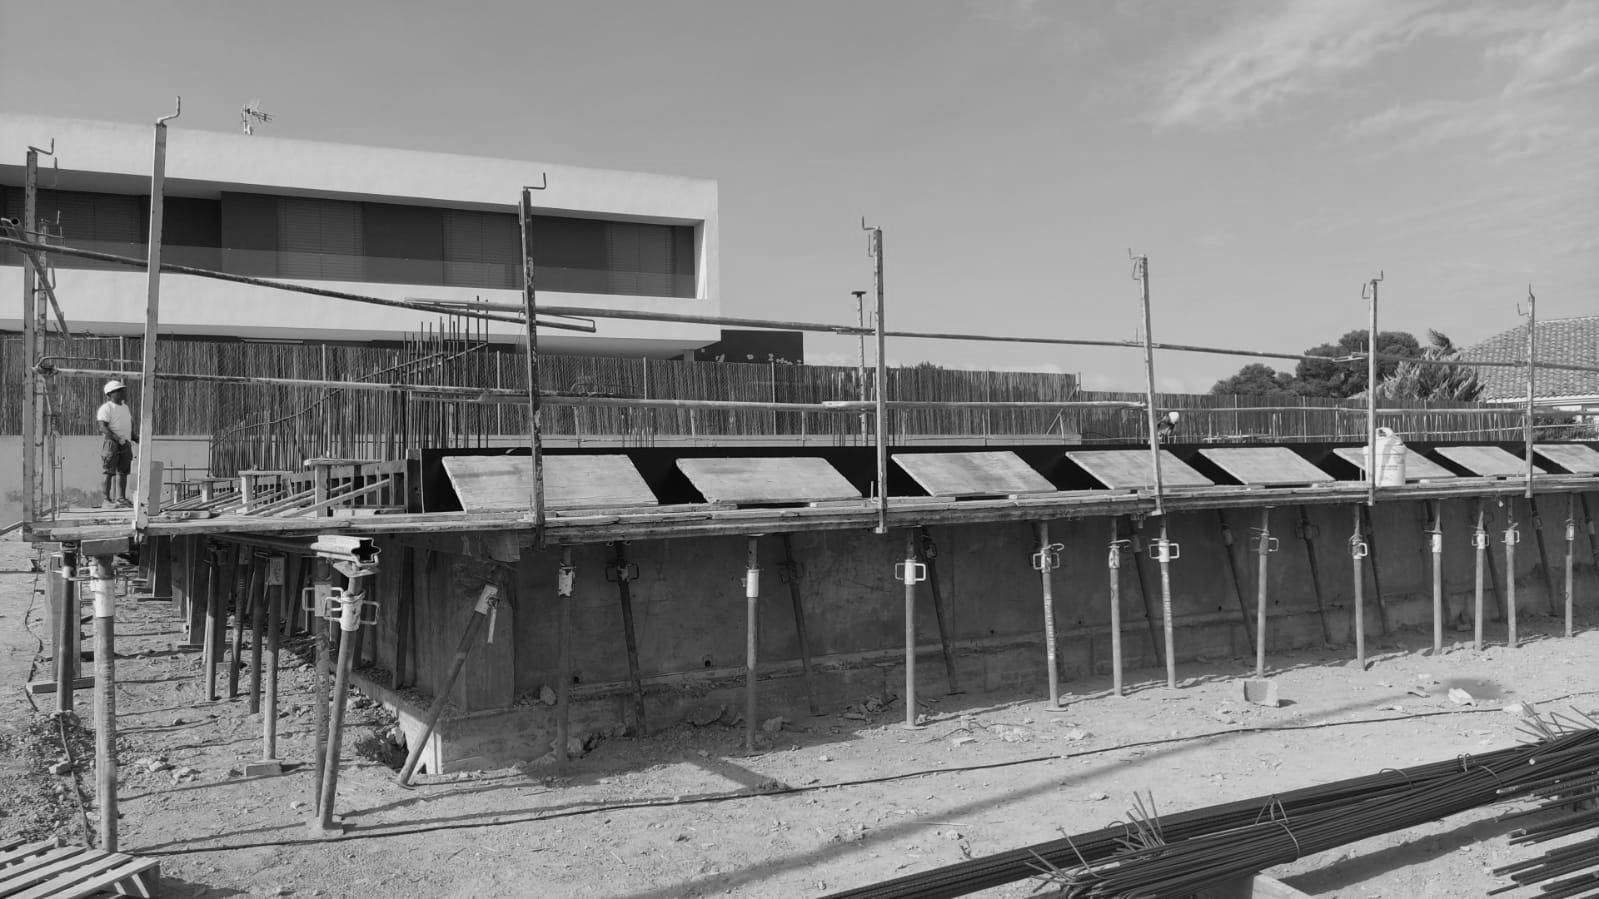 Fotografía en blanco y negro de una obra de construcción de una vivienda unifamiliar